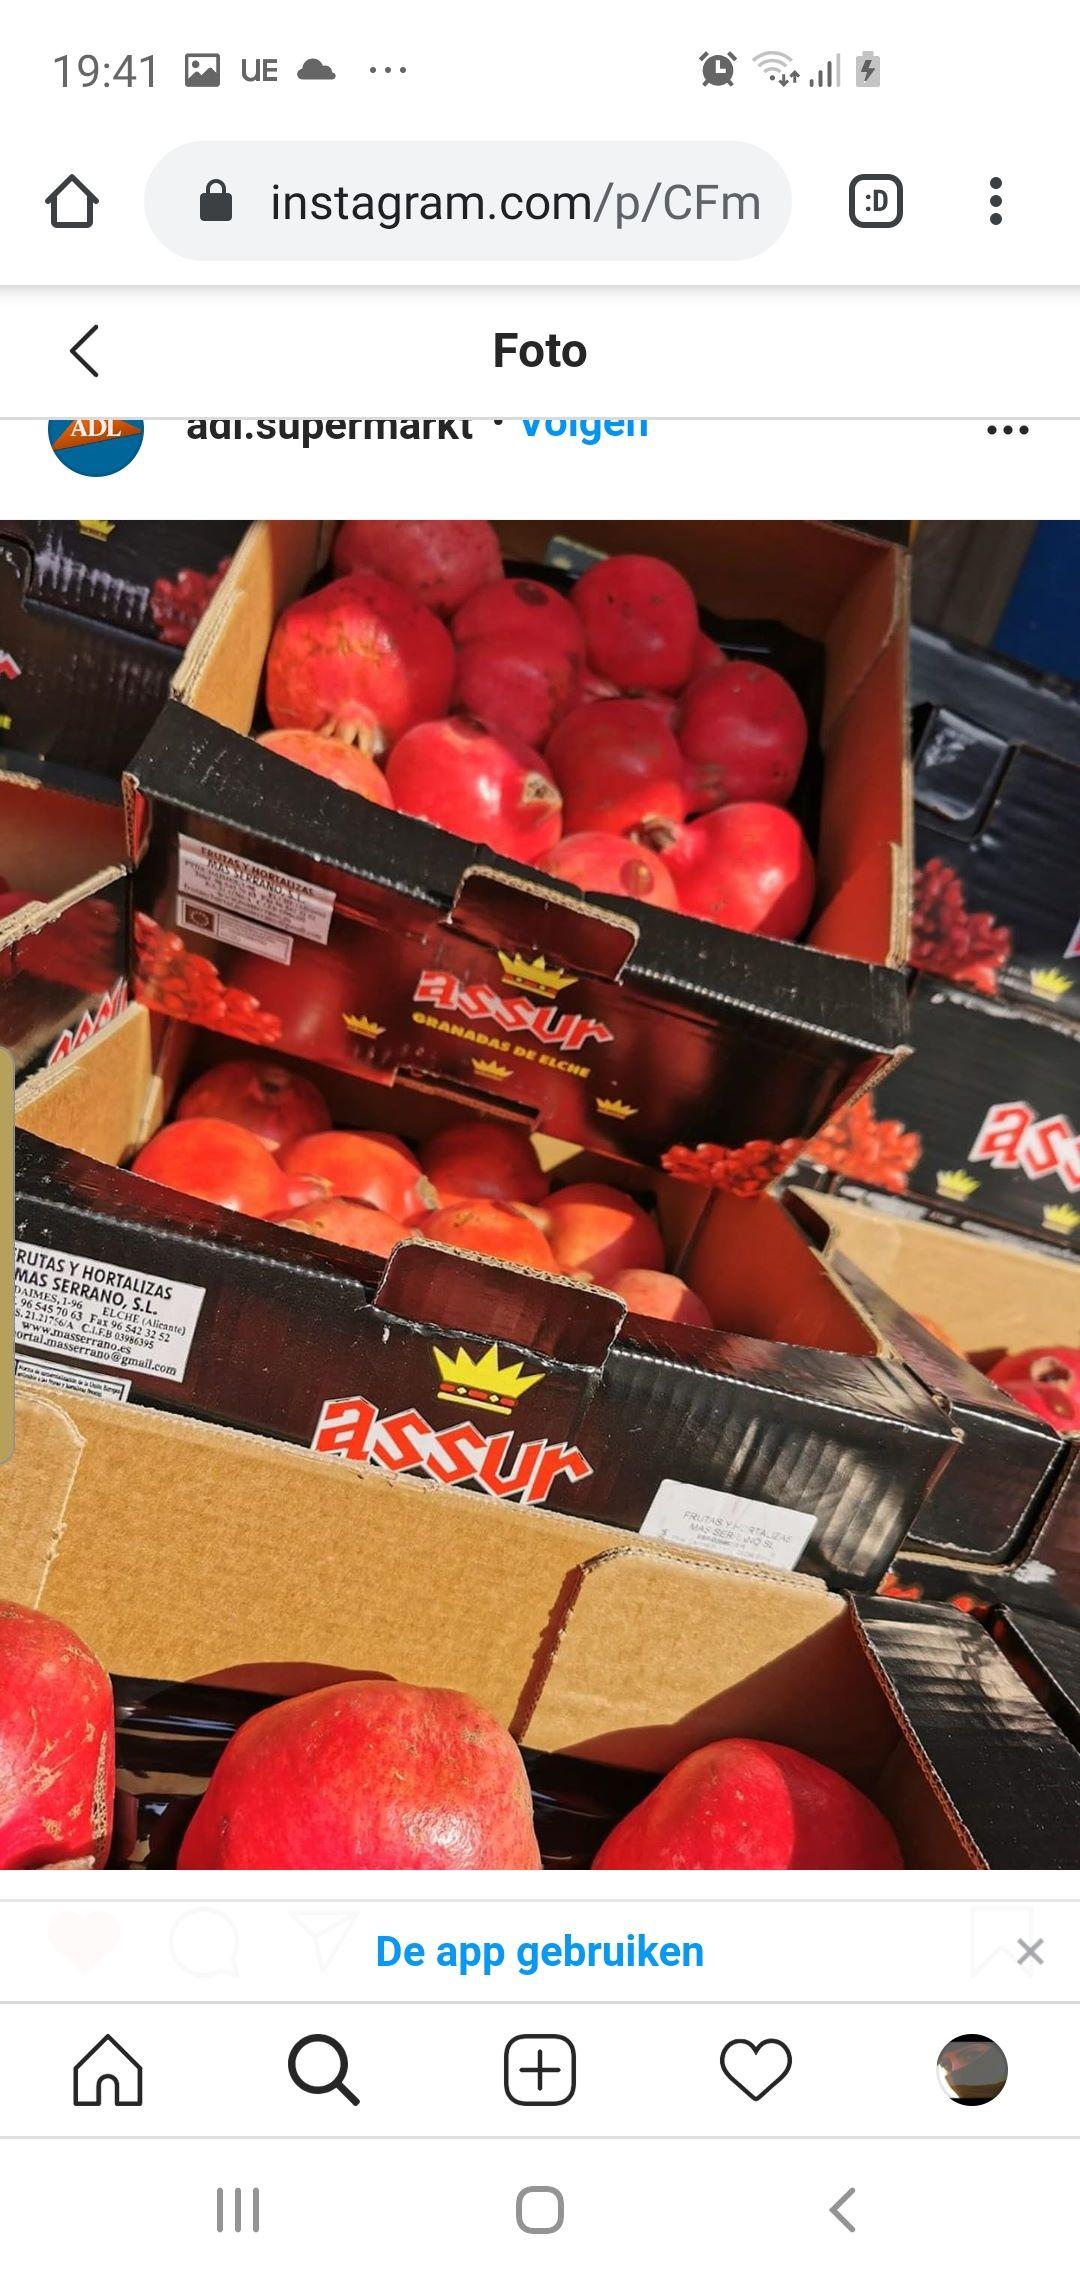 Lokaal adl supermarkt Haarlem Kist granaatappels